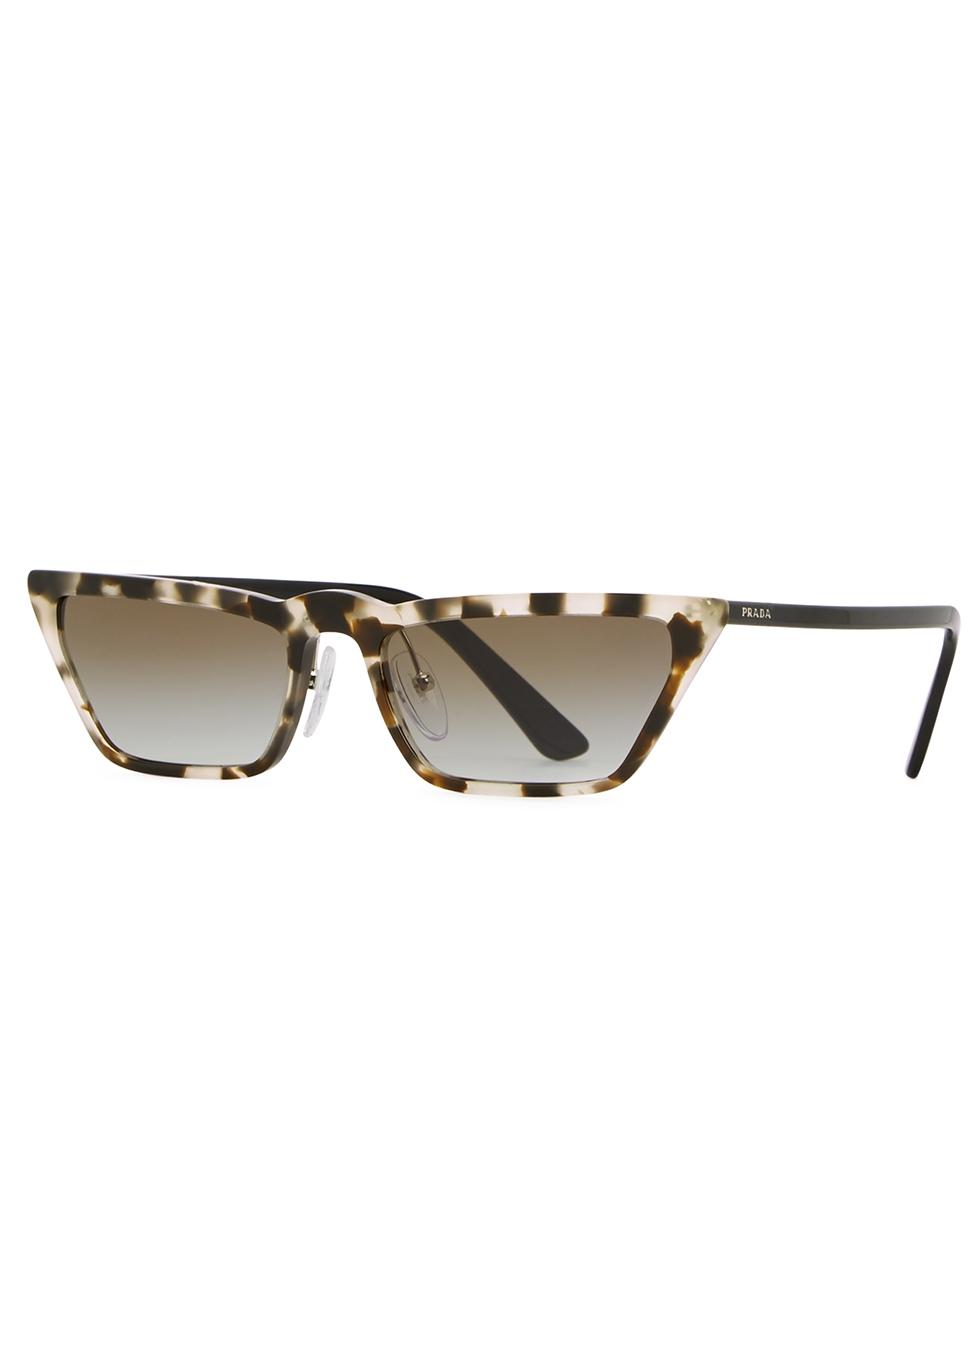 c18e099b7e ... nextprev. prevnext 37f60 ae9b2 new arrivals tortoiseshell cat eye  sunglasses prada 3e216 ab09f ...